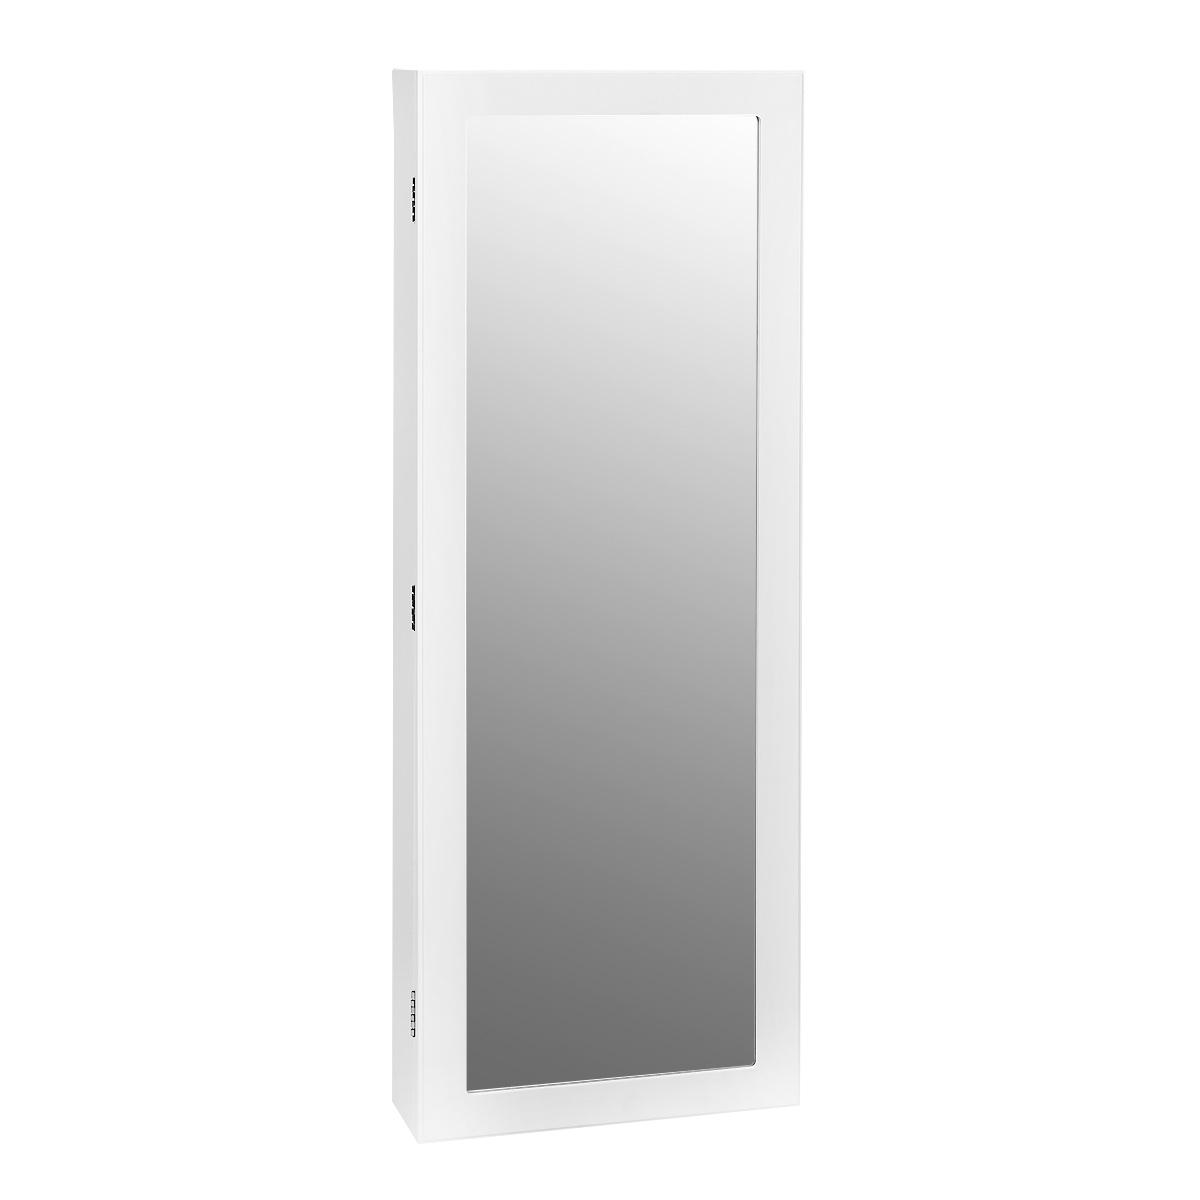 Зеркало-шкаф Bradex Тайник, цвет: белый, 18 х 45 х 117см зеркало шкаф аквамаста 44639